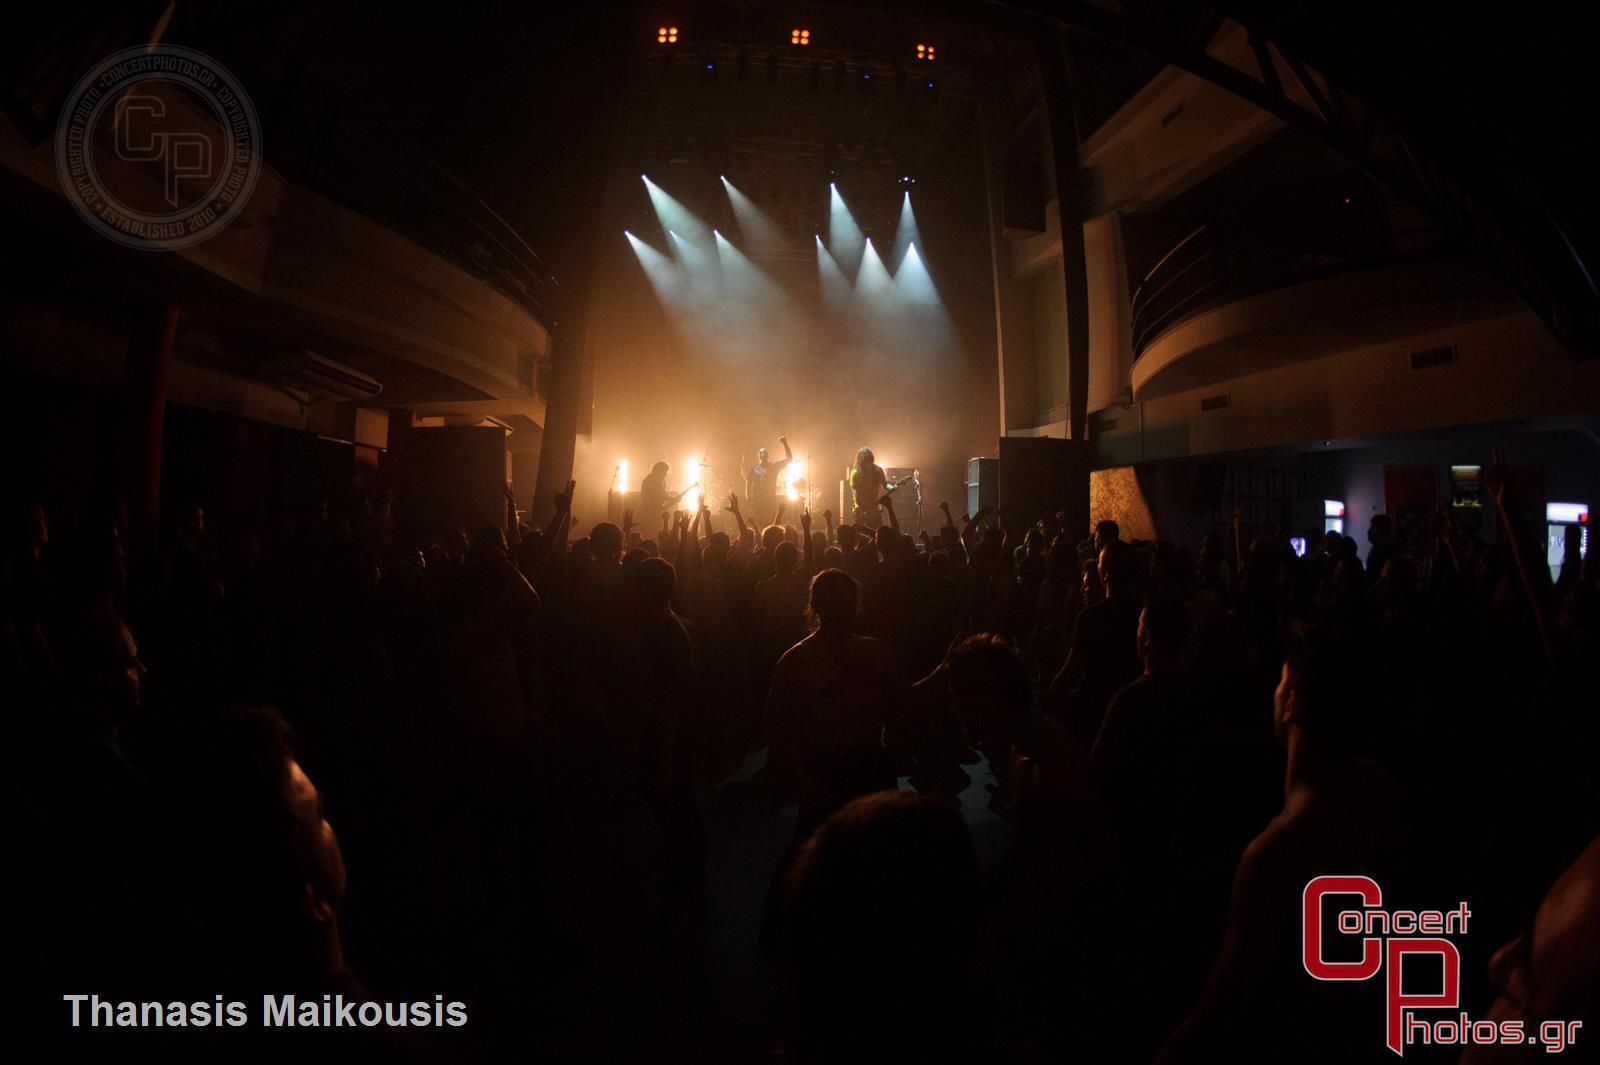 Sepultura-Sepultira photographer: Thanasis Maikousis - concertphotos_20140703_23_28_54